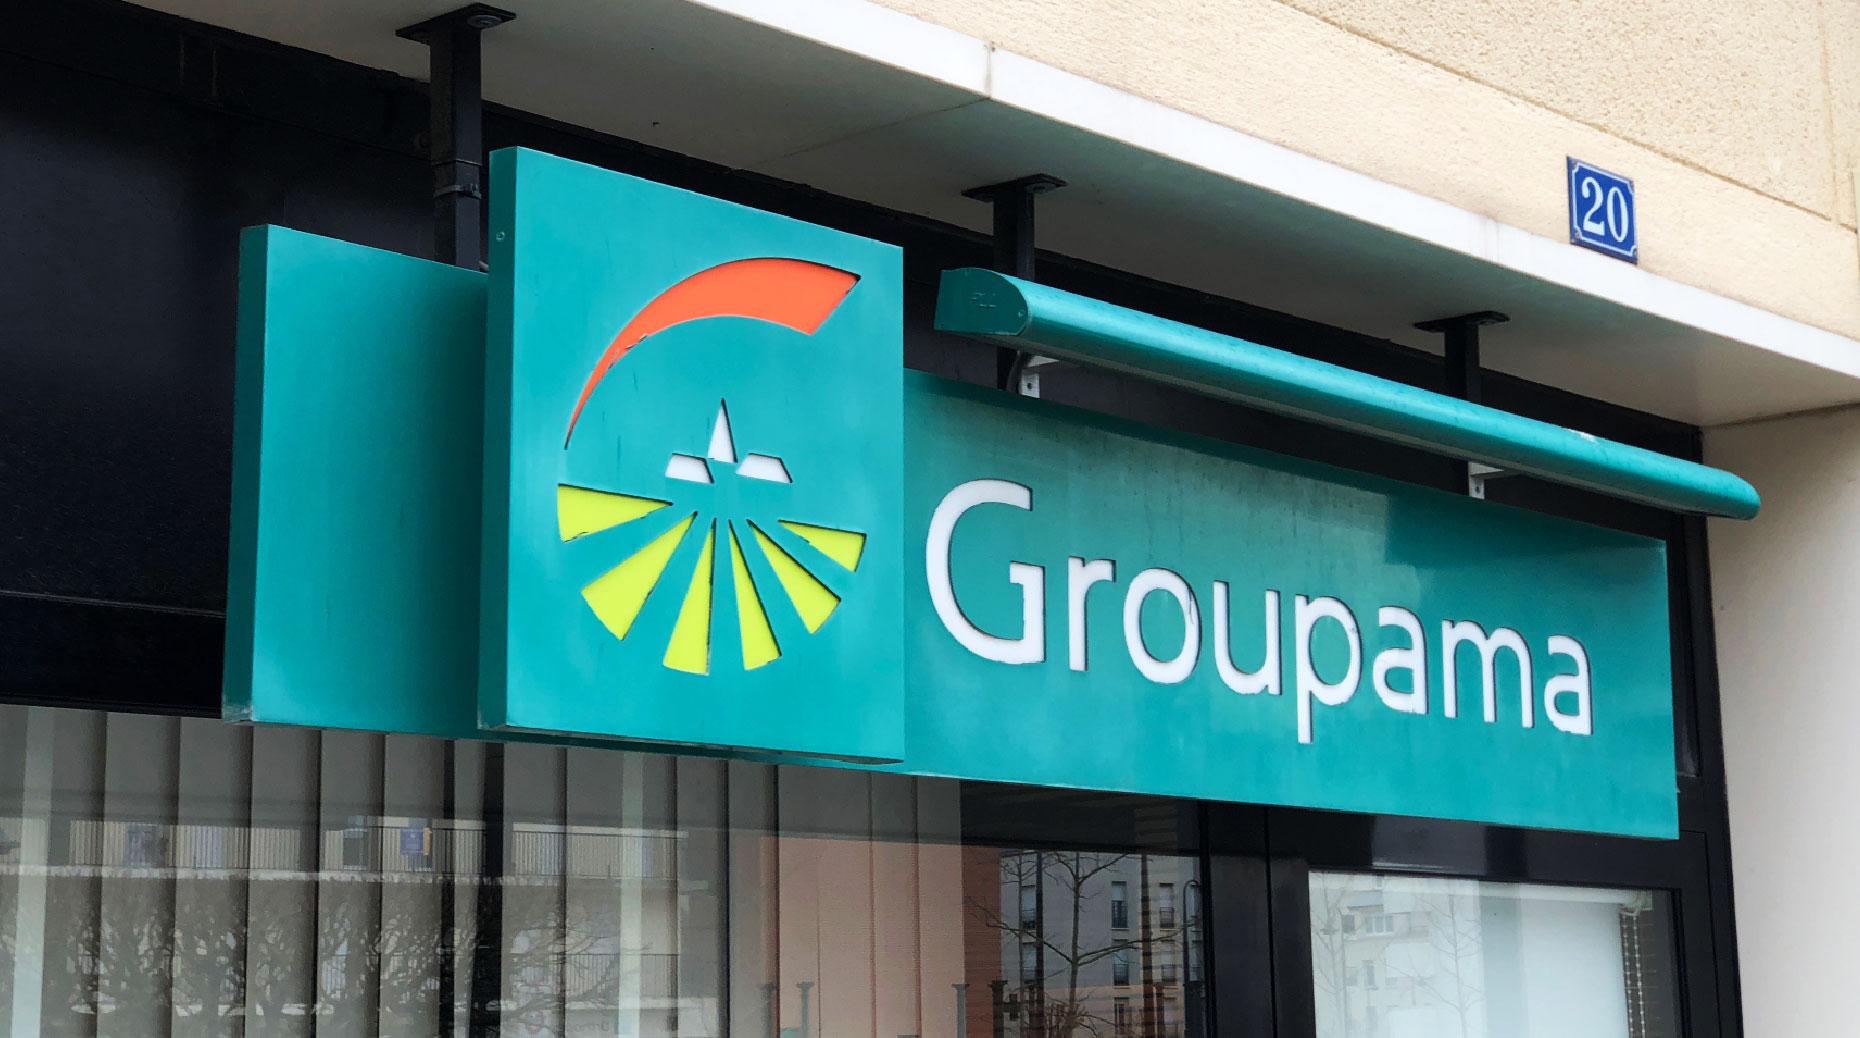 Résultats 2021 S1 : Groupama en forte croissance